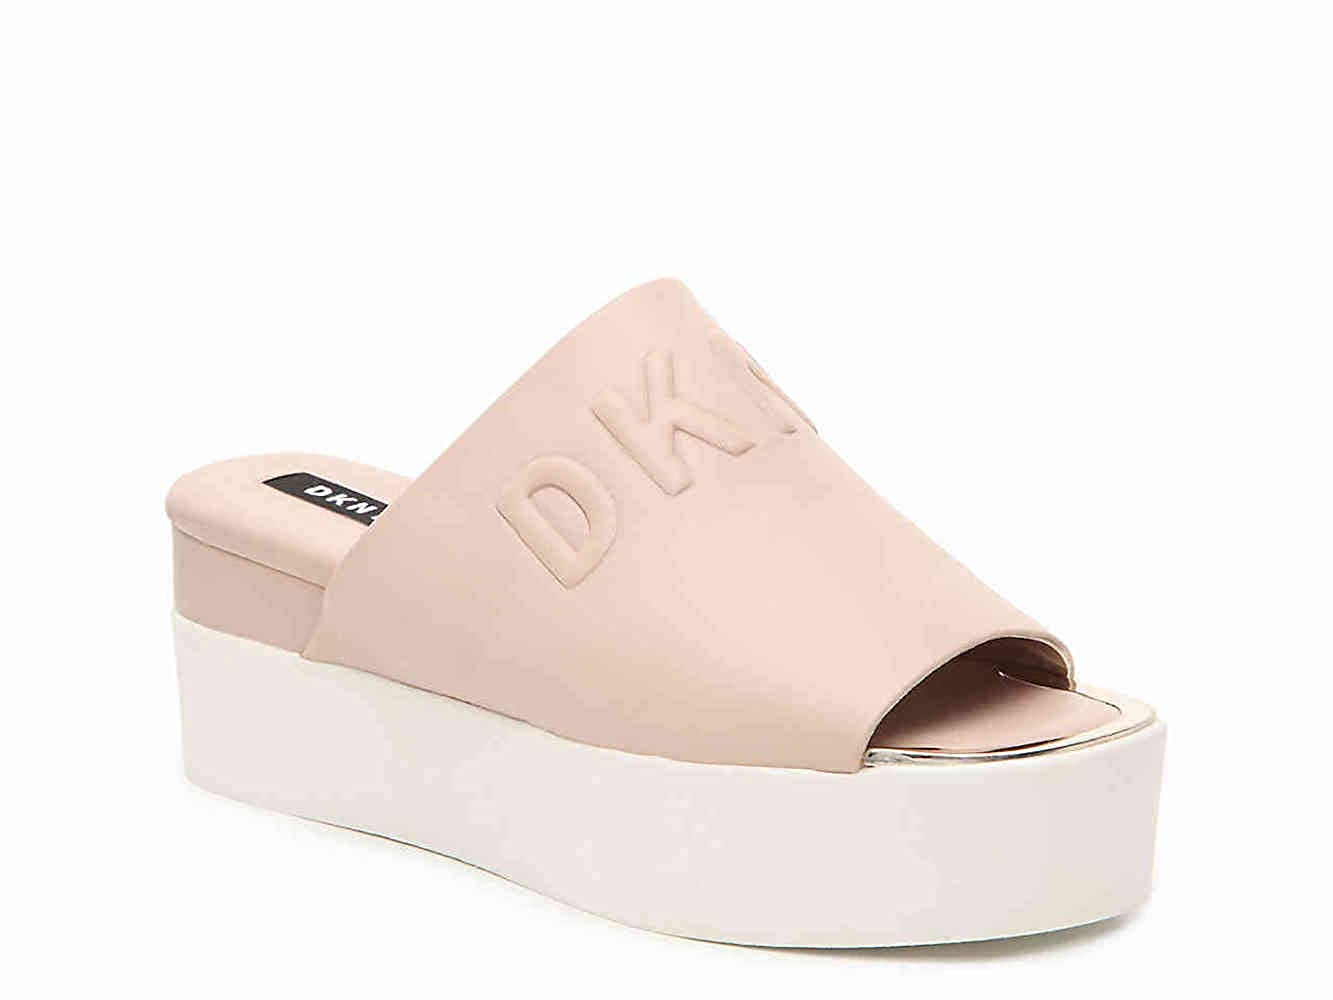 Buy DKNY Womens Covo Open Toe Casual